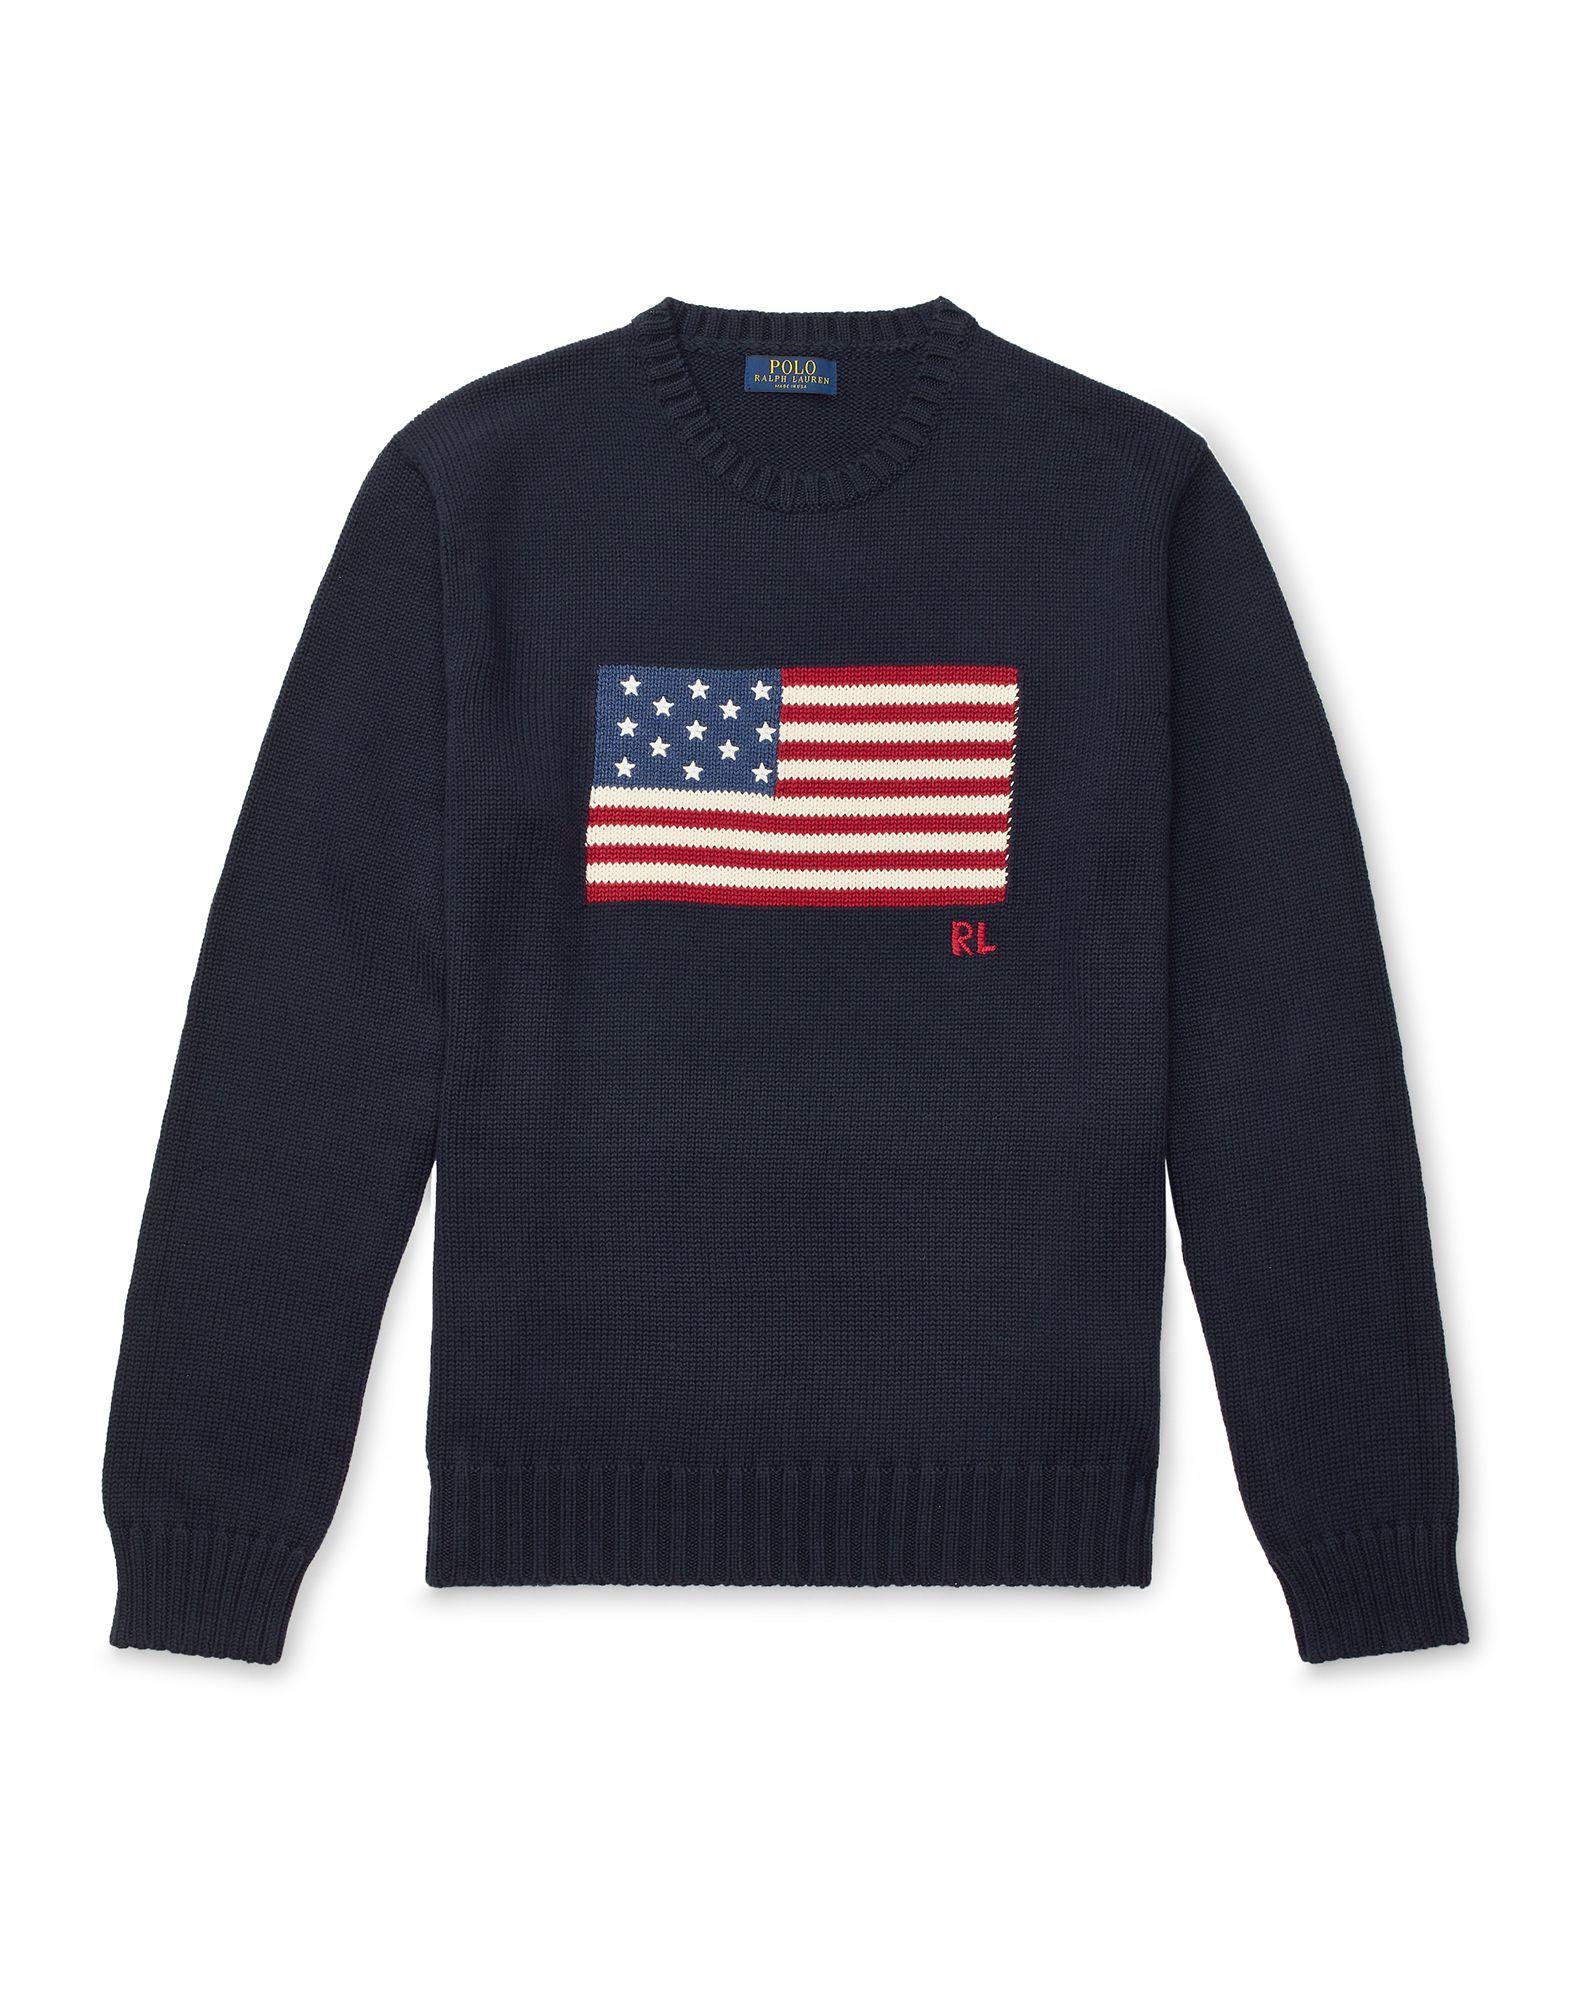 《セール開催中》POLO RALPH LAUREN メンズ プルオーバー ダークブルー XS コットン 100% The Iconic Flag Sweater